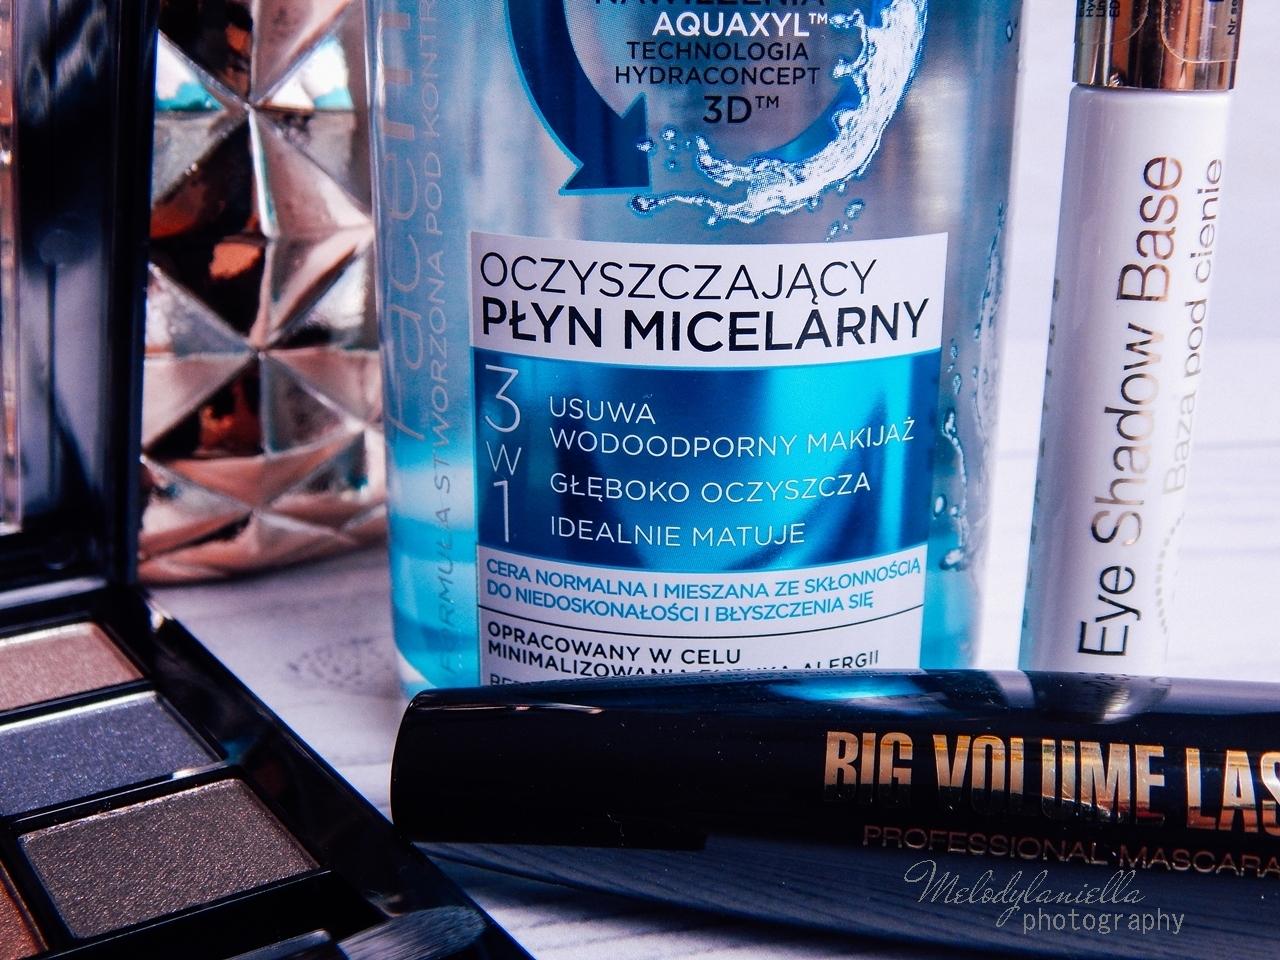 9 eveline cosmetics nude all in one eyeshadow palette melodylaniella recenzja cienie do powiek paletka cieni mascara big volume lash eye shadow base baza pod cienie oczyszczający płyn micelarny test